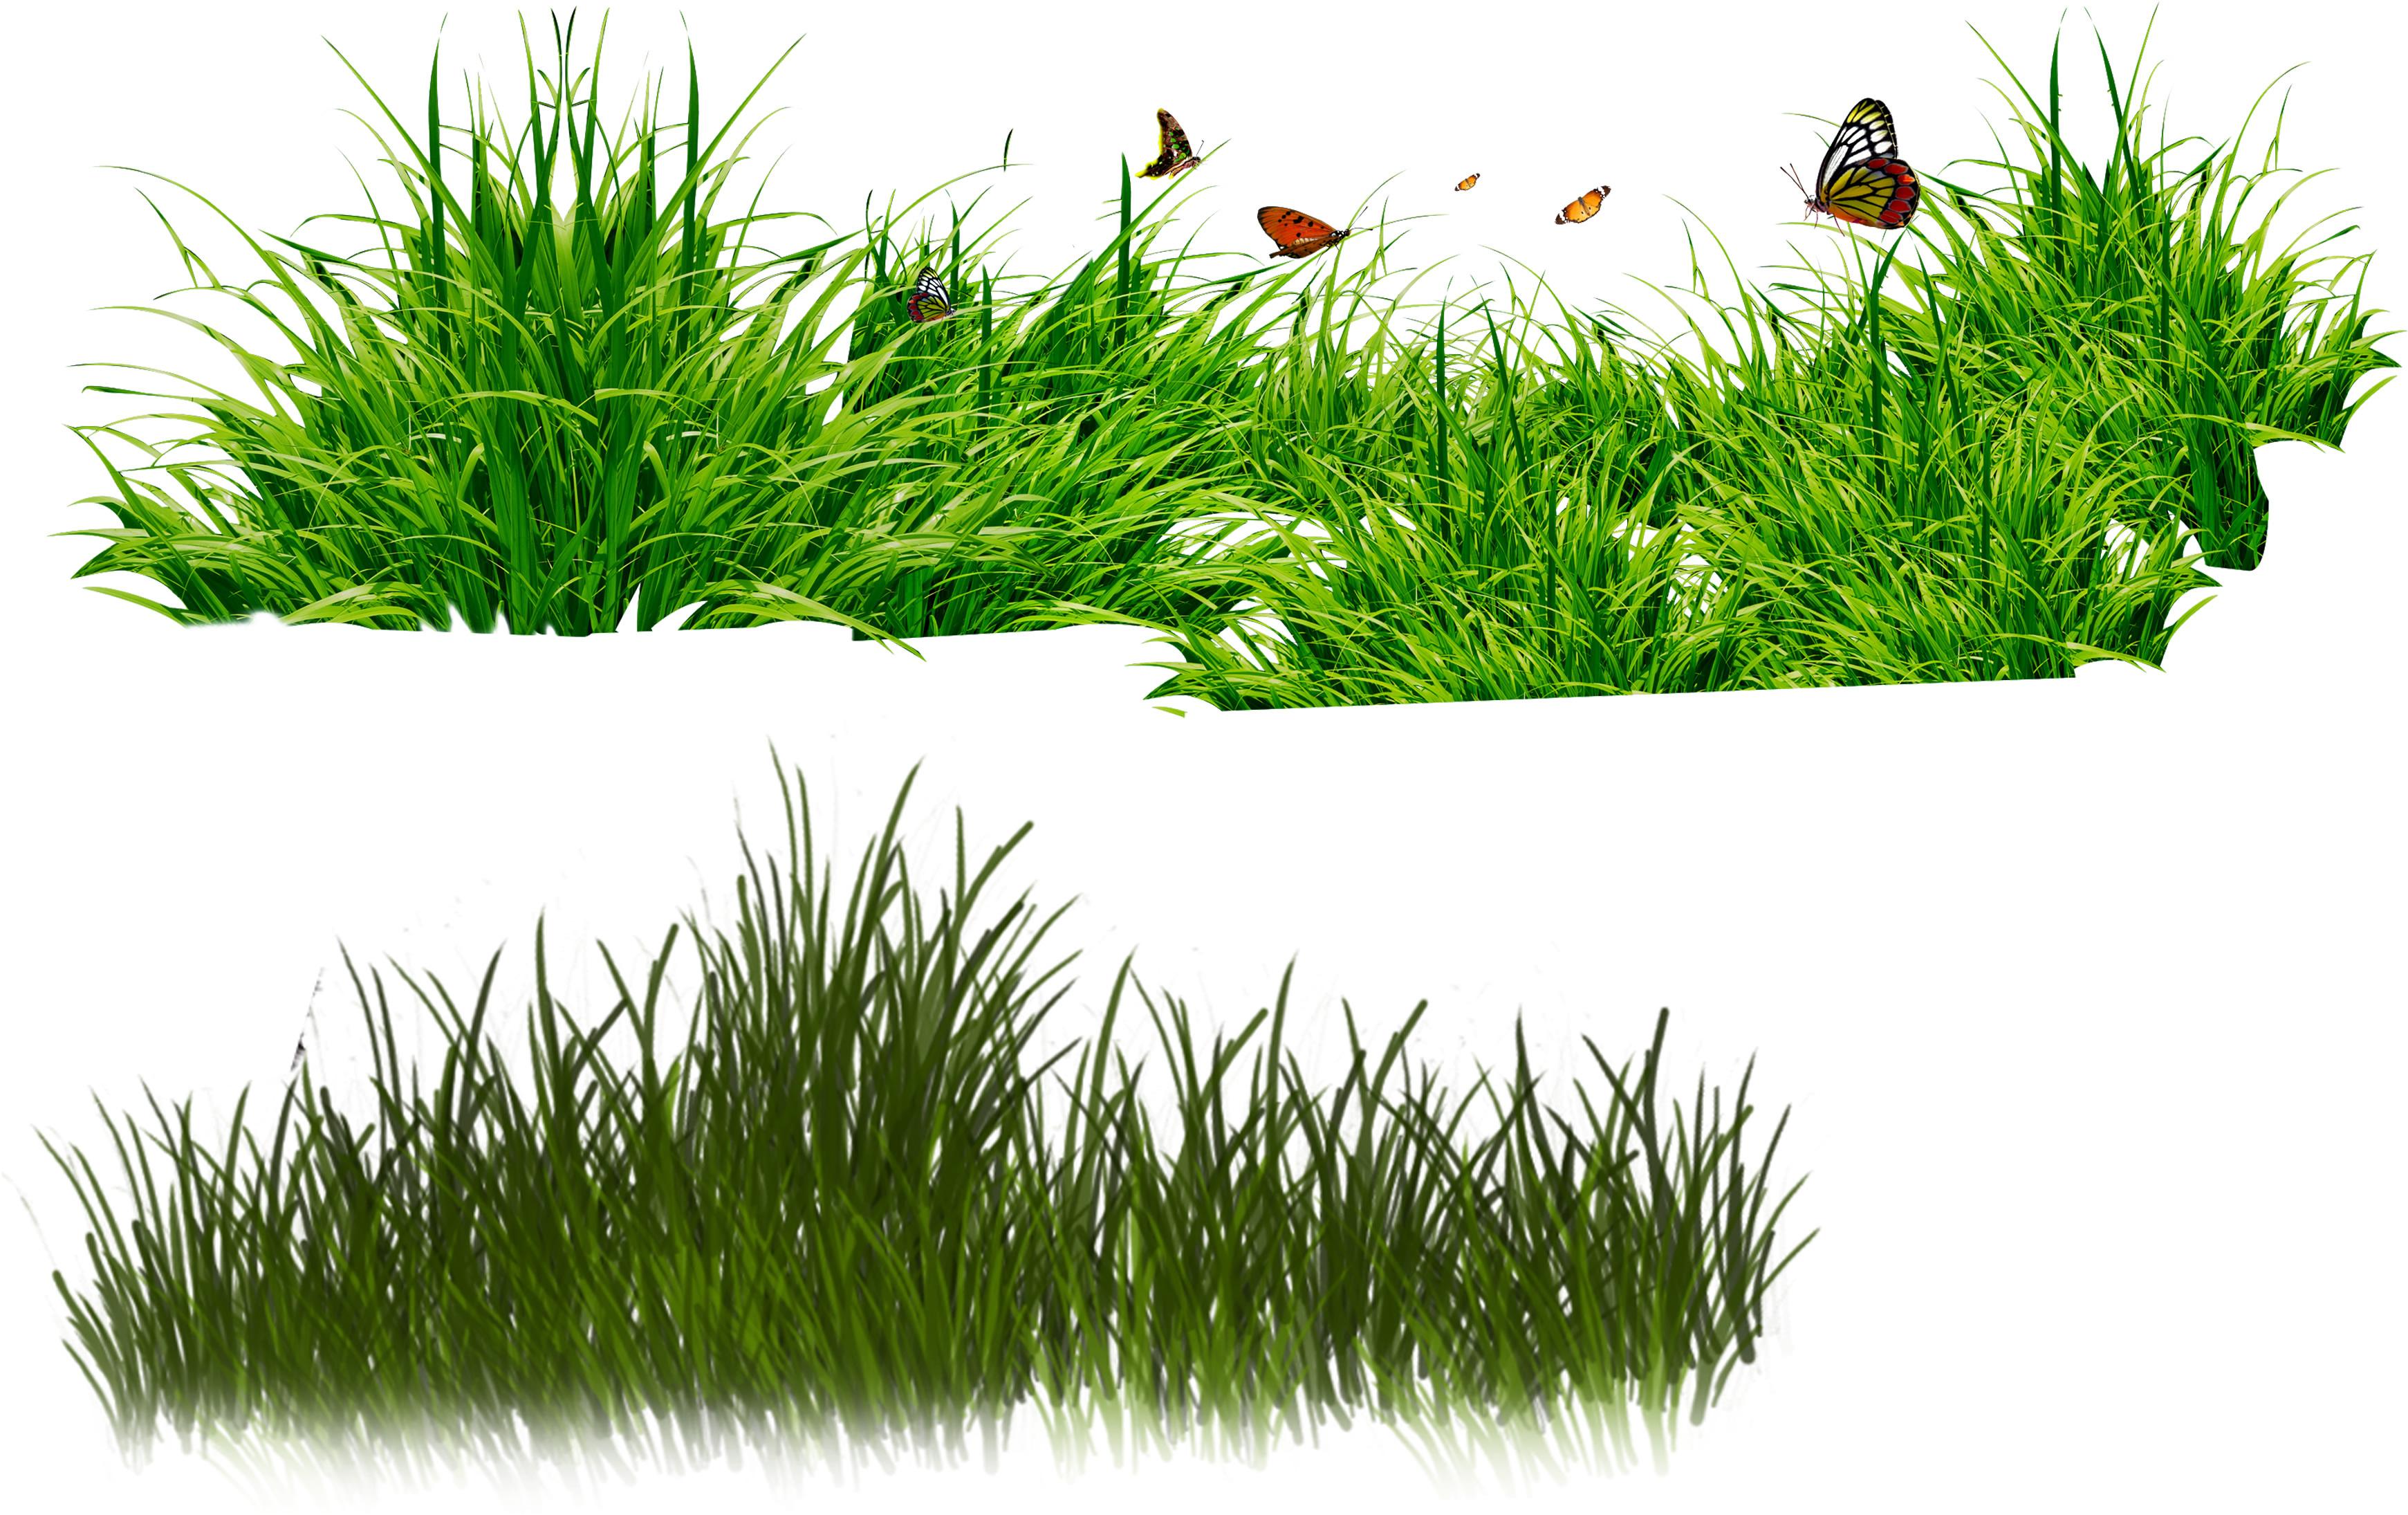 Трава зеленая, клипарт, бабочки, скачать бесплатно, обои